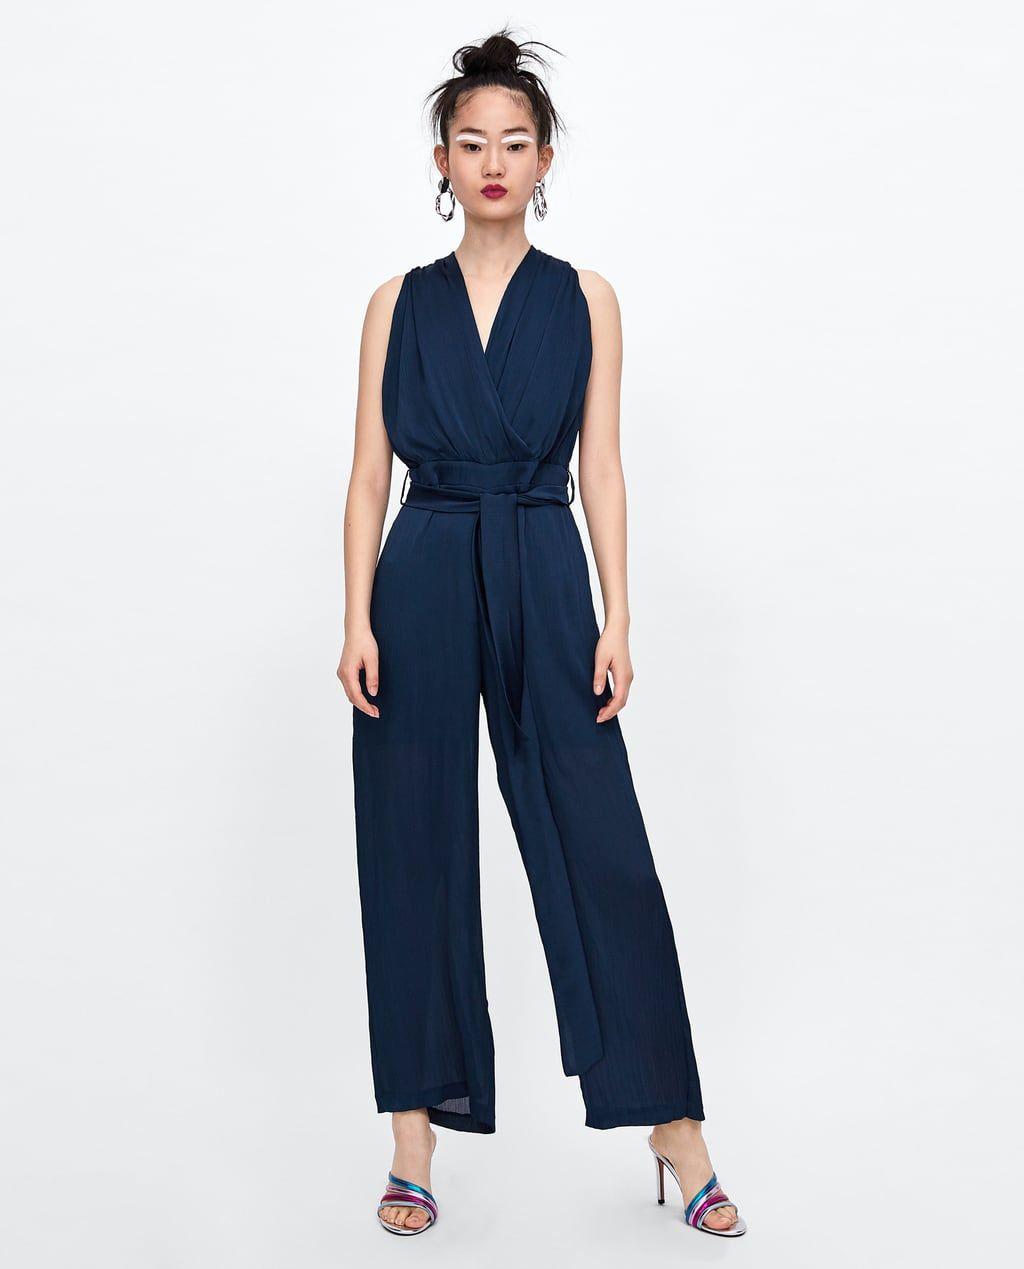 foto ufficiali 7f068 7aa24 Tuta con pizzo | Elegant outfit nel 2019 | Zara, Tute e Pizzo